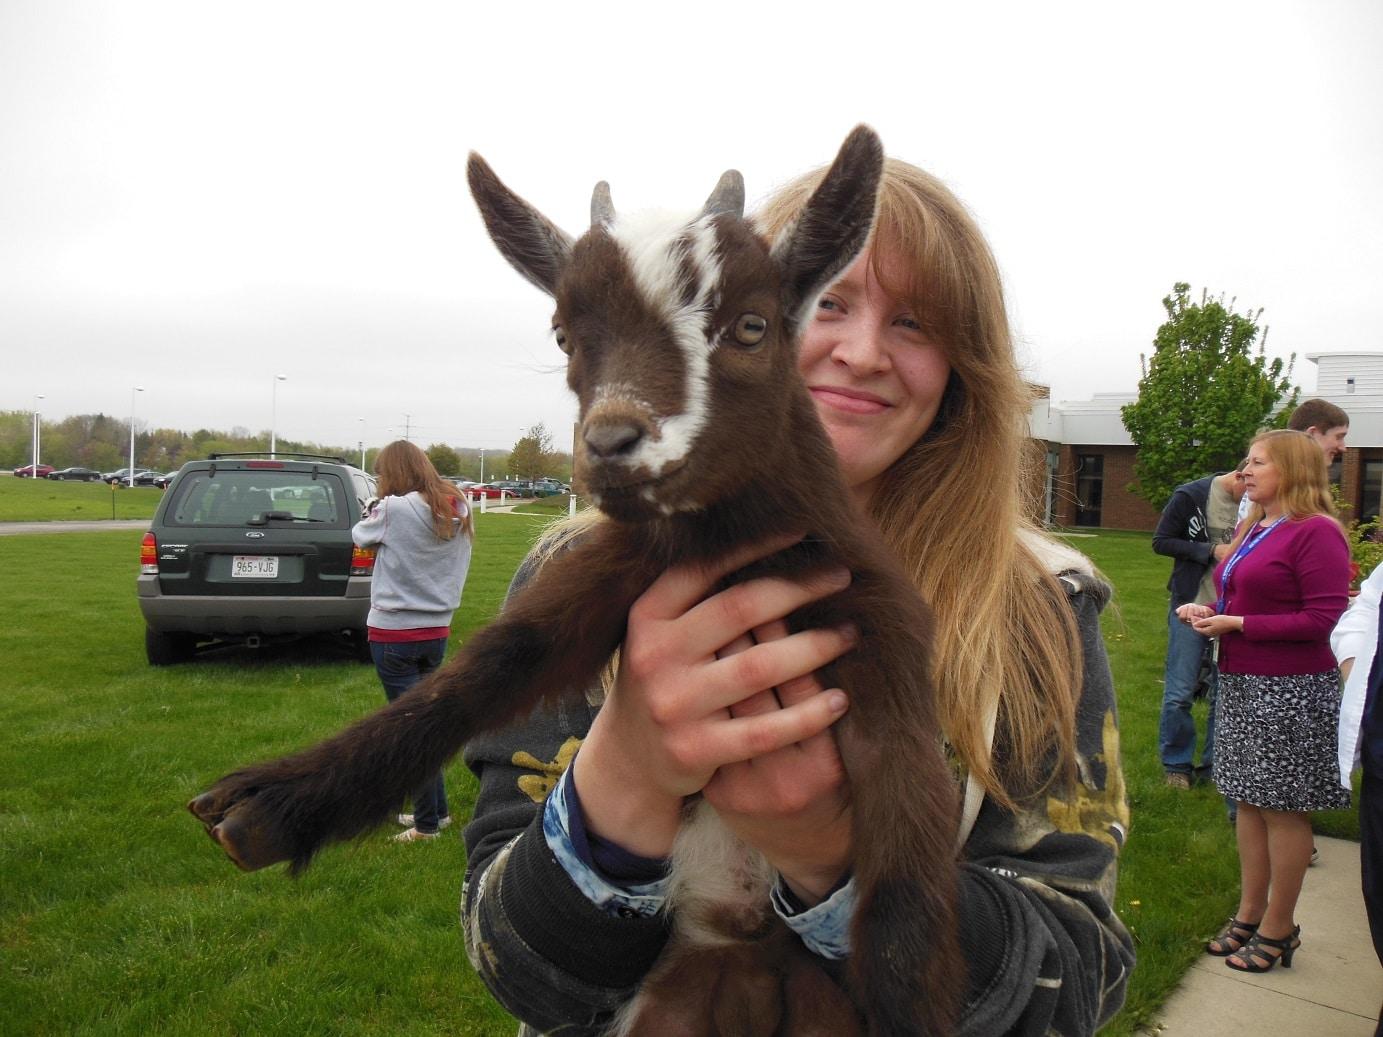 Female holding baby goat